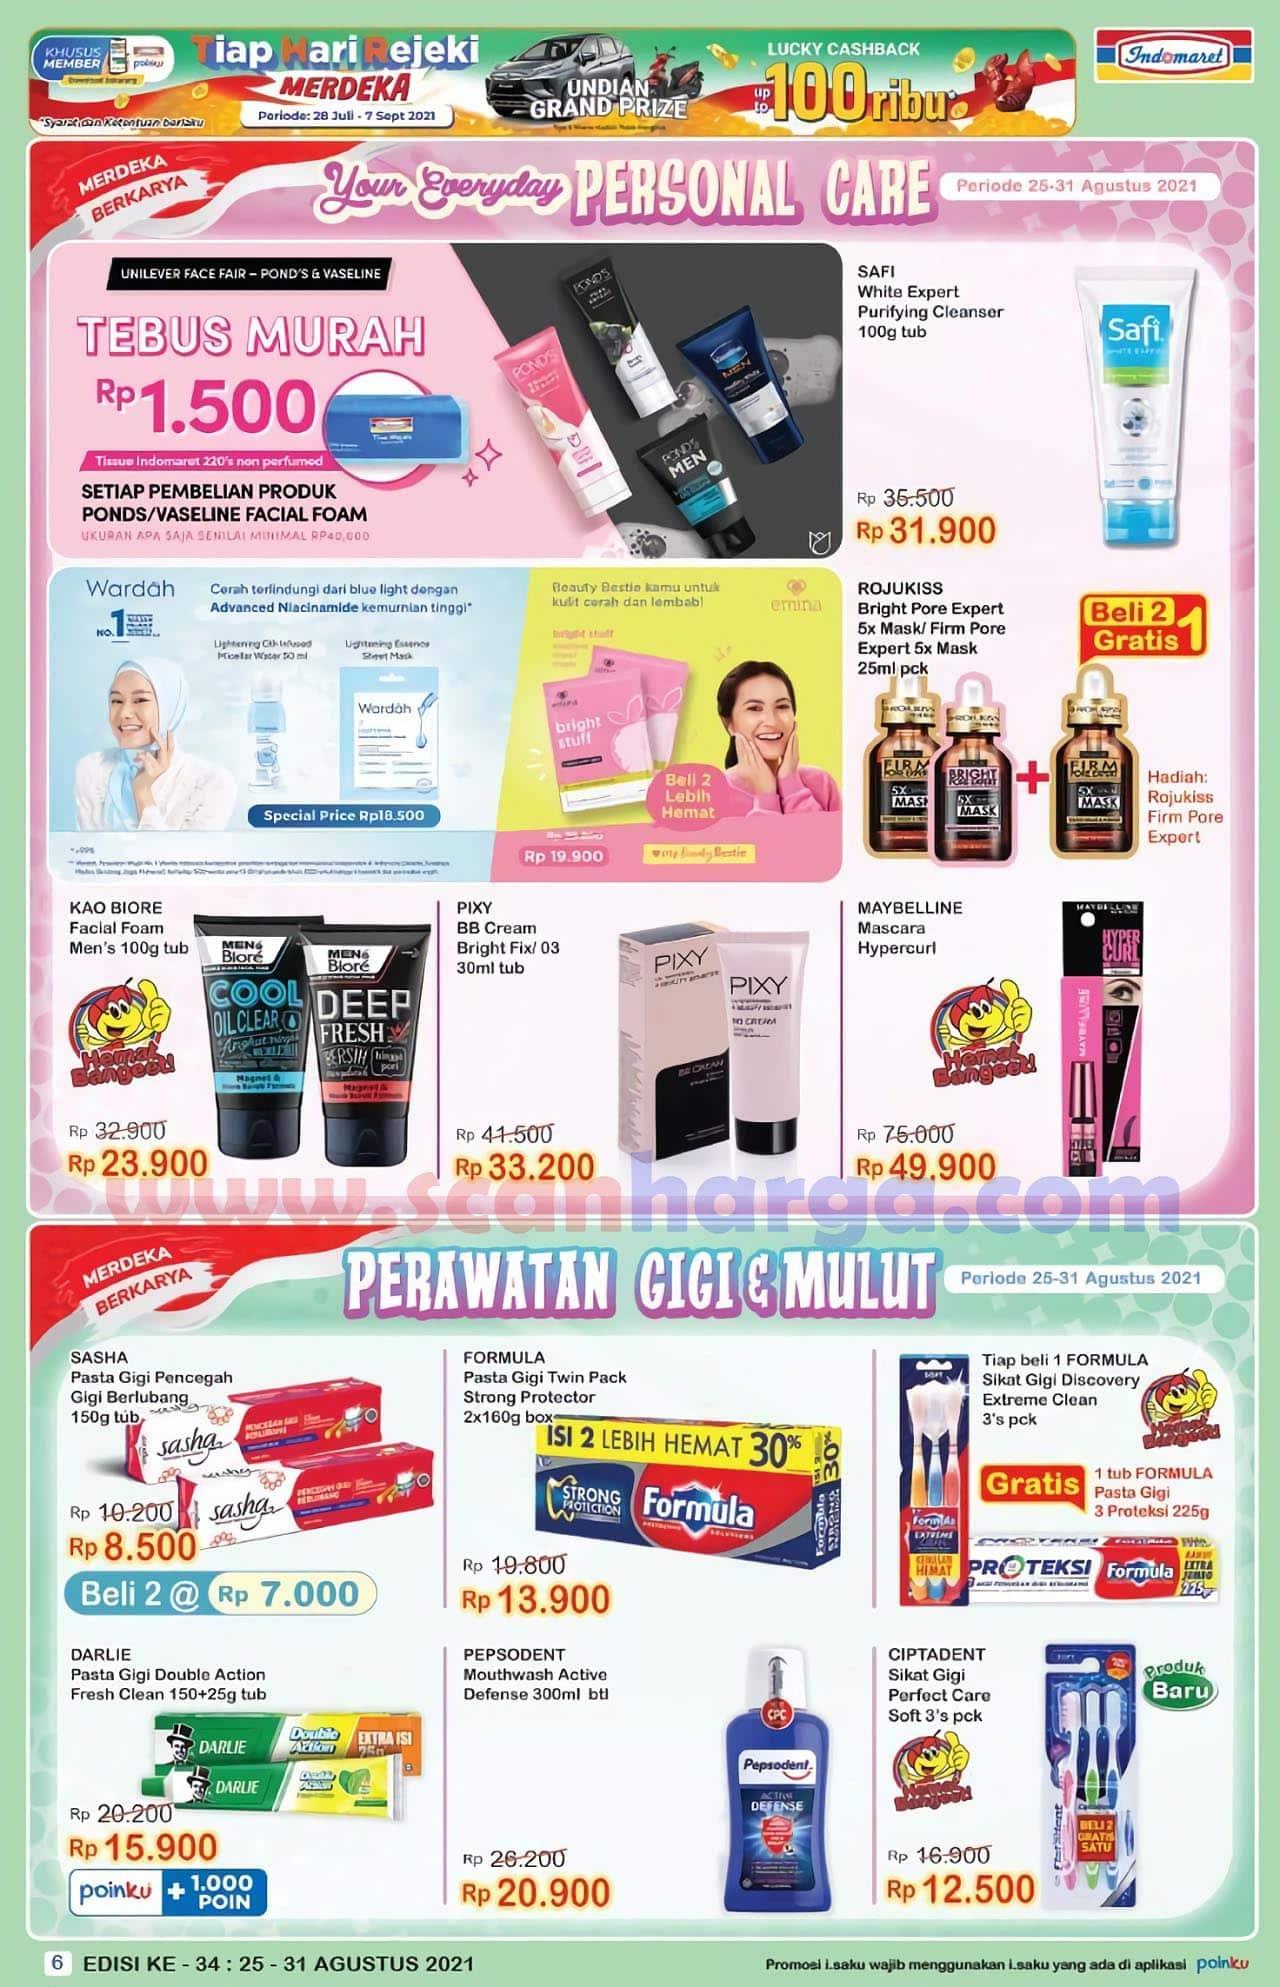 Katalog Promo Indomaret 25 - 31 Agustus 2021 6